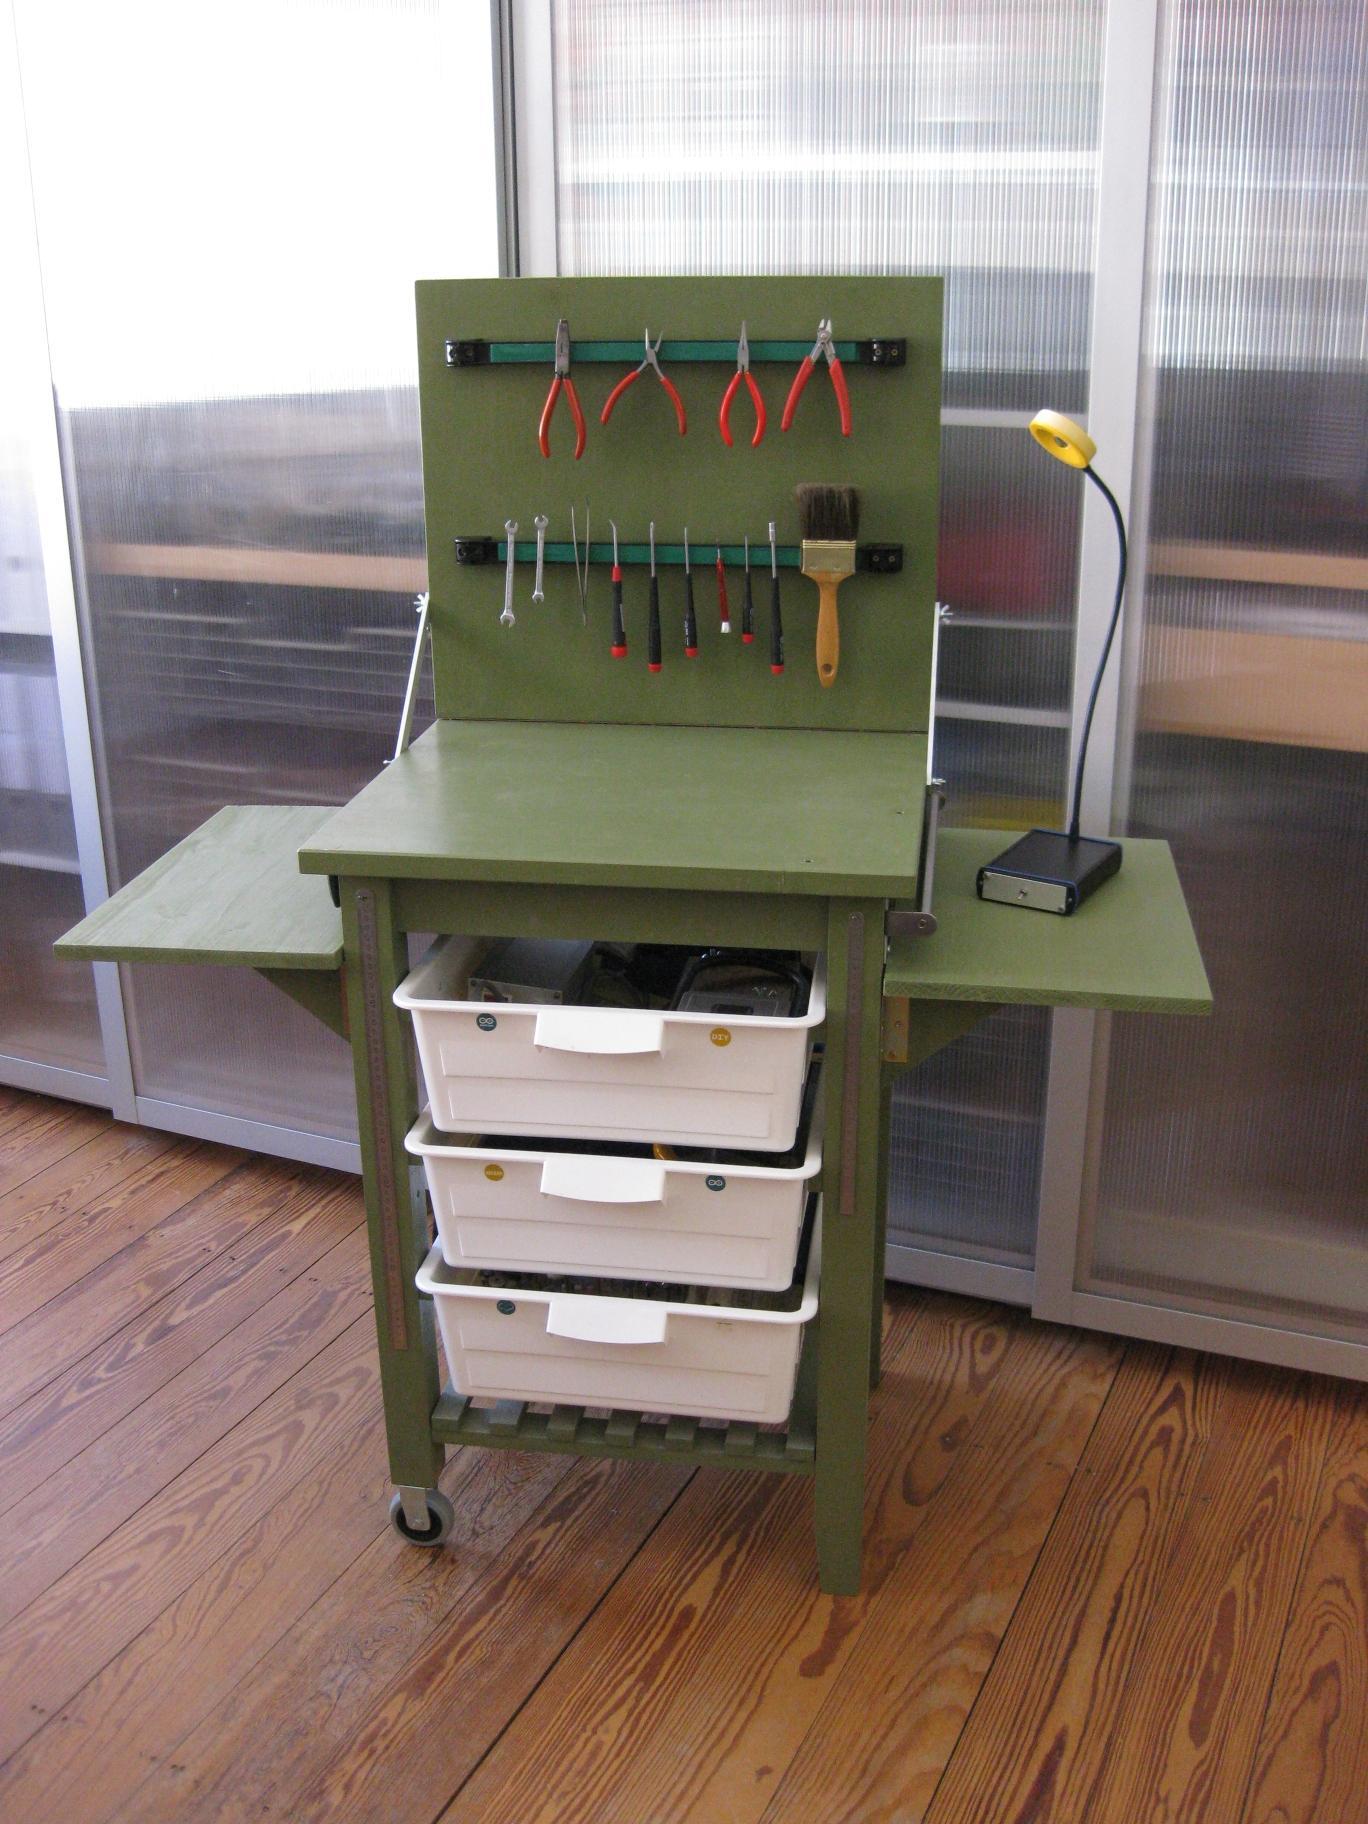 Eine grüne Holzbank mit vielem Werkzeug